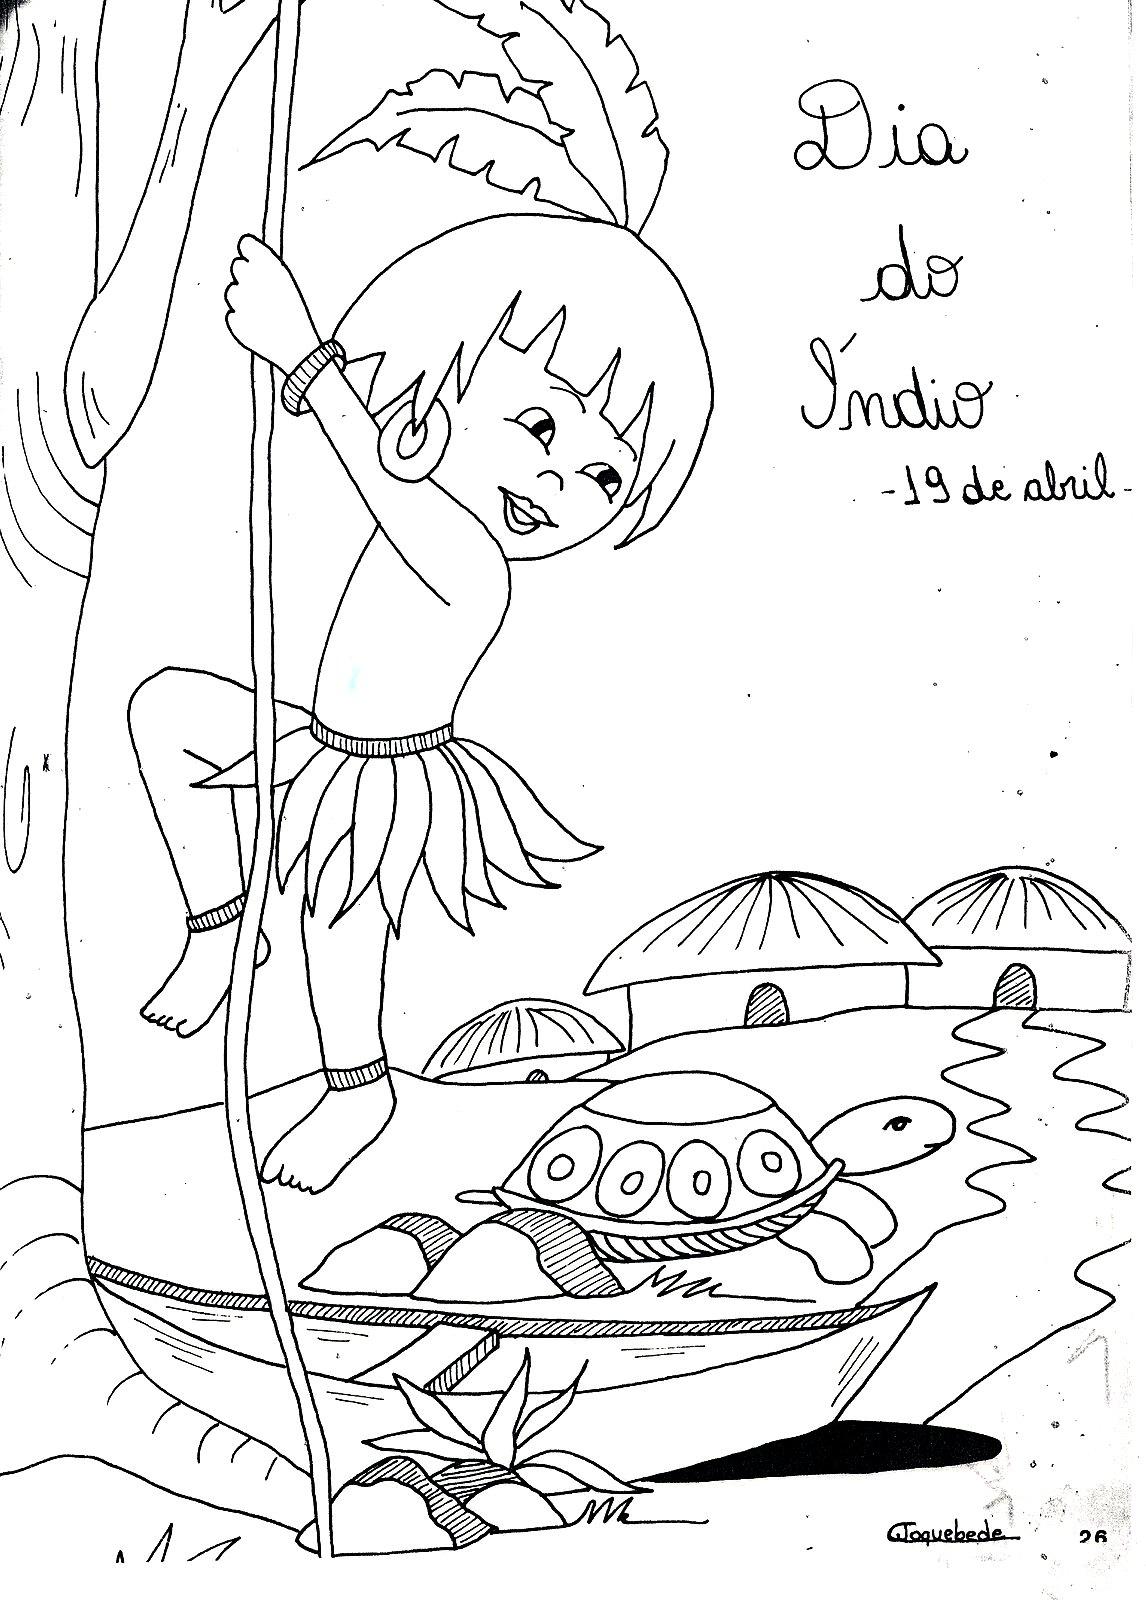 10 Desenhos Para O Dia Do Indio 19 De Abril Max Dicas